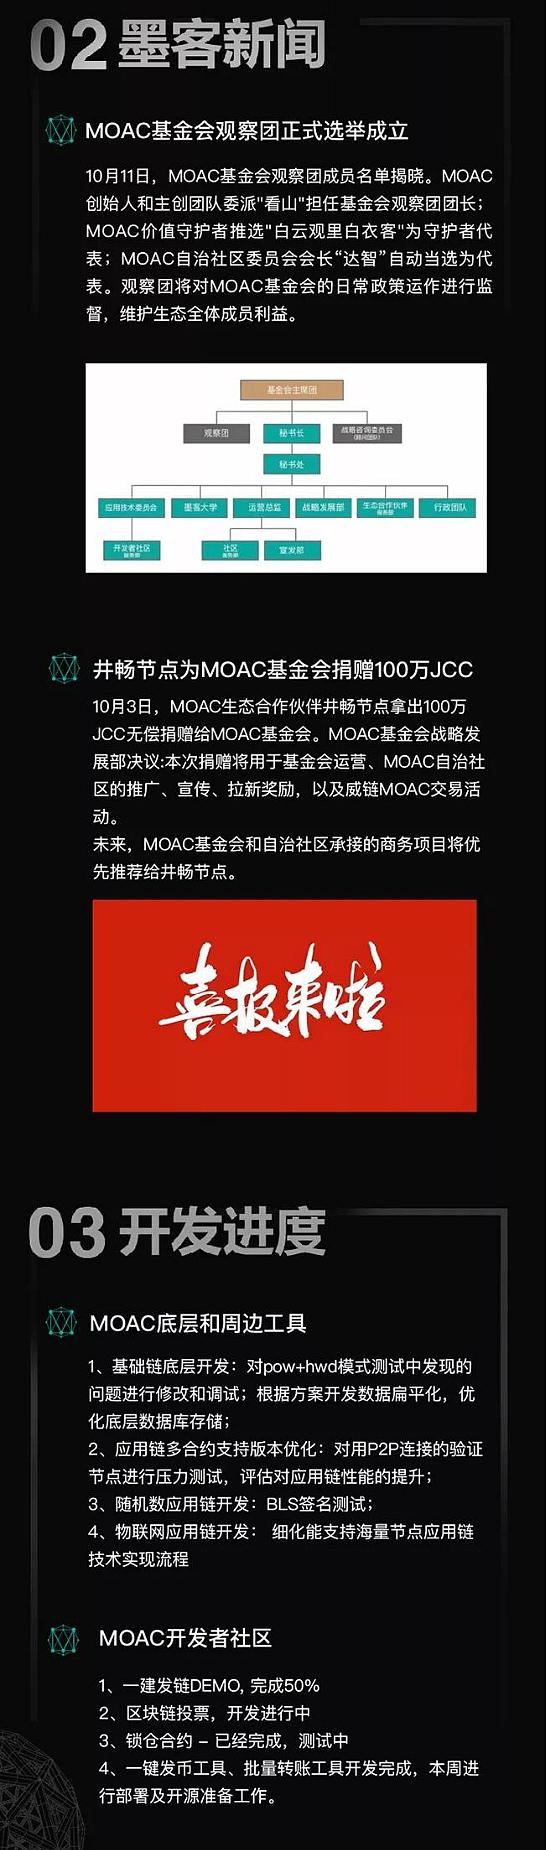 墨客周报 | 第89期MOAC基金会观察团正式选举成立